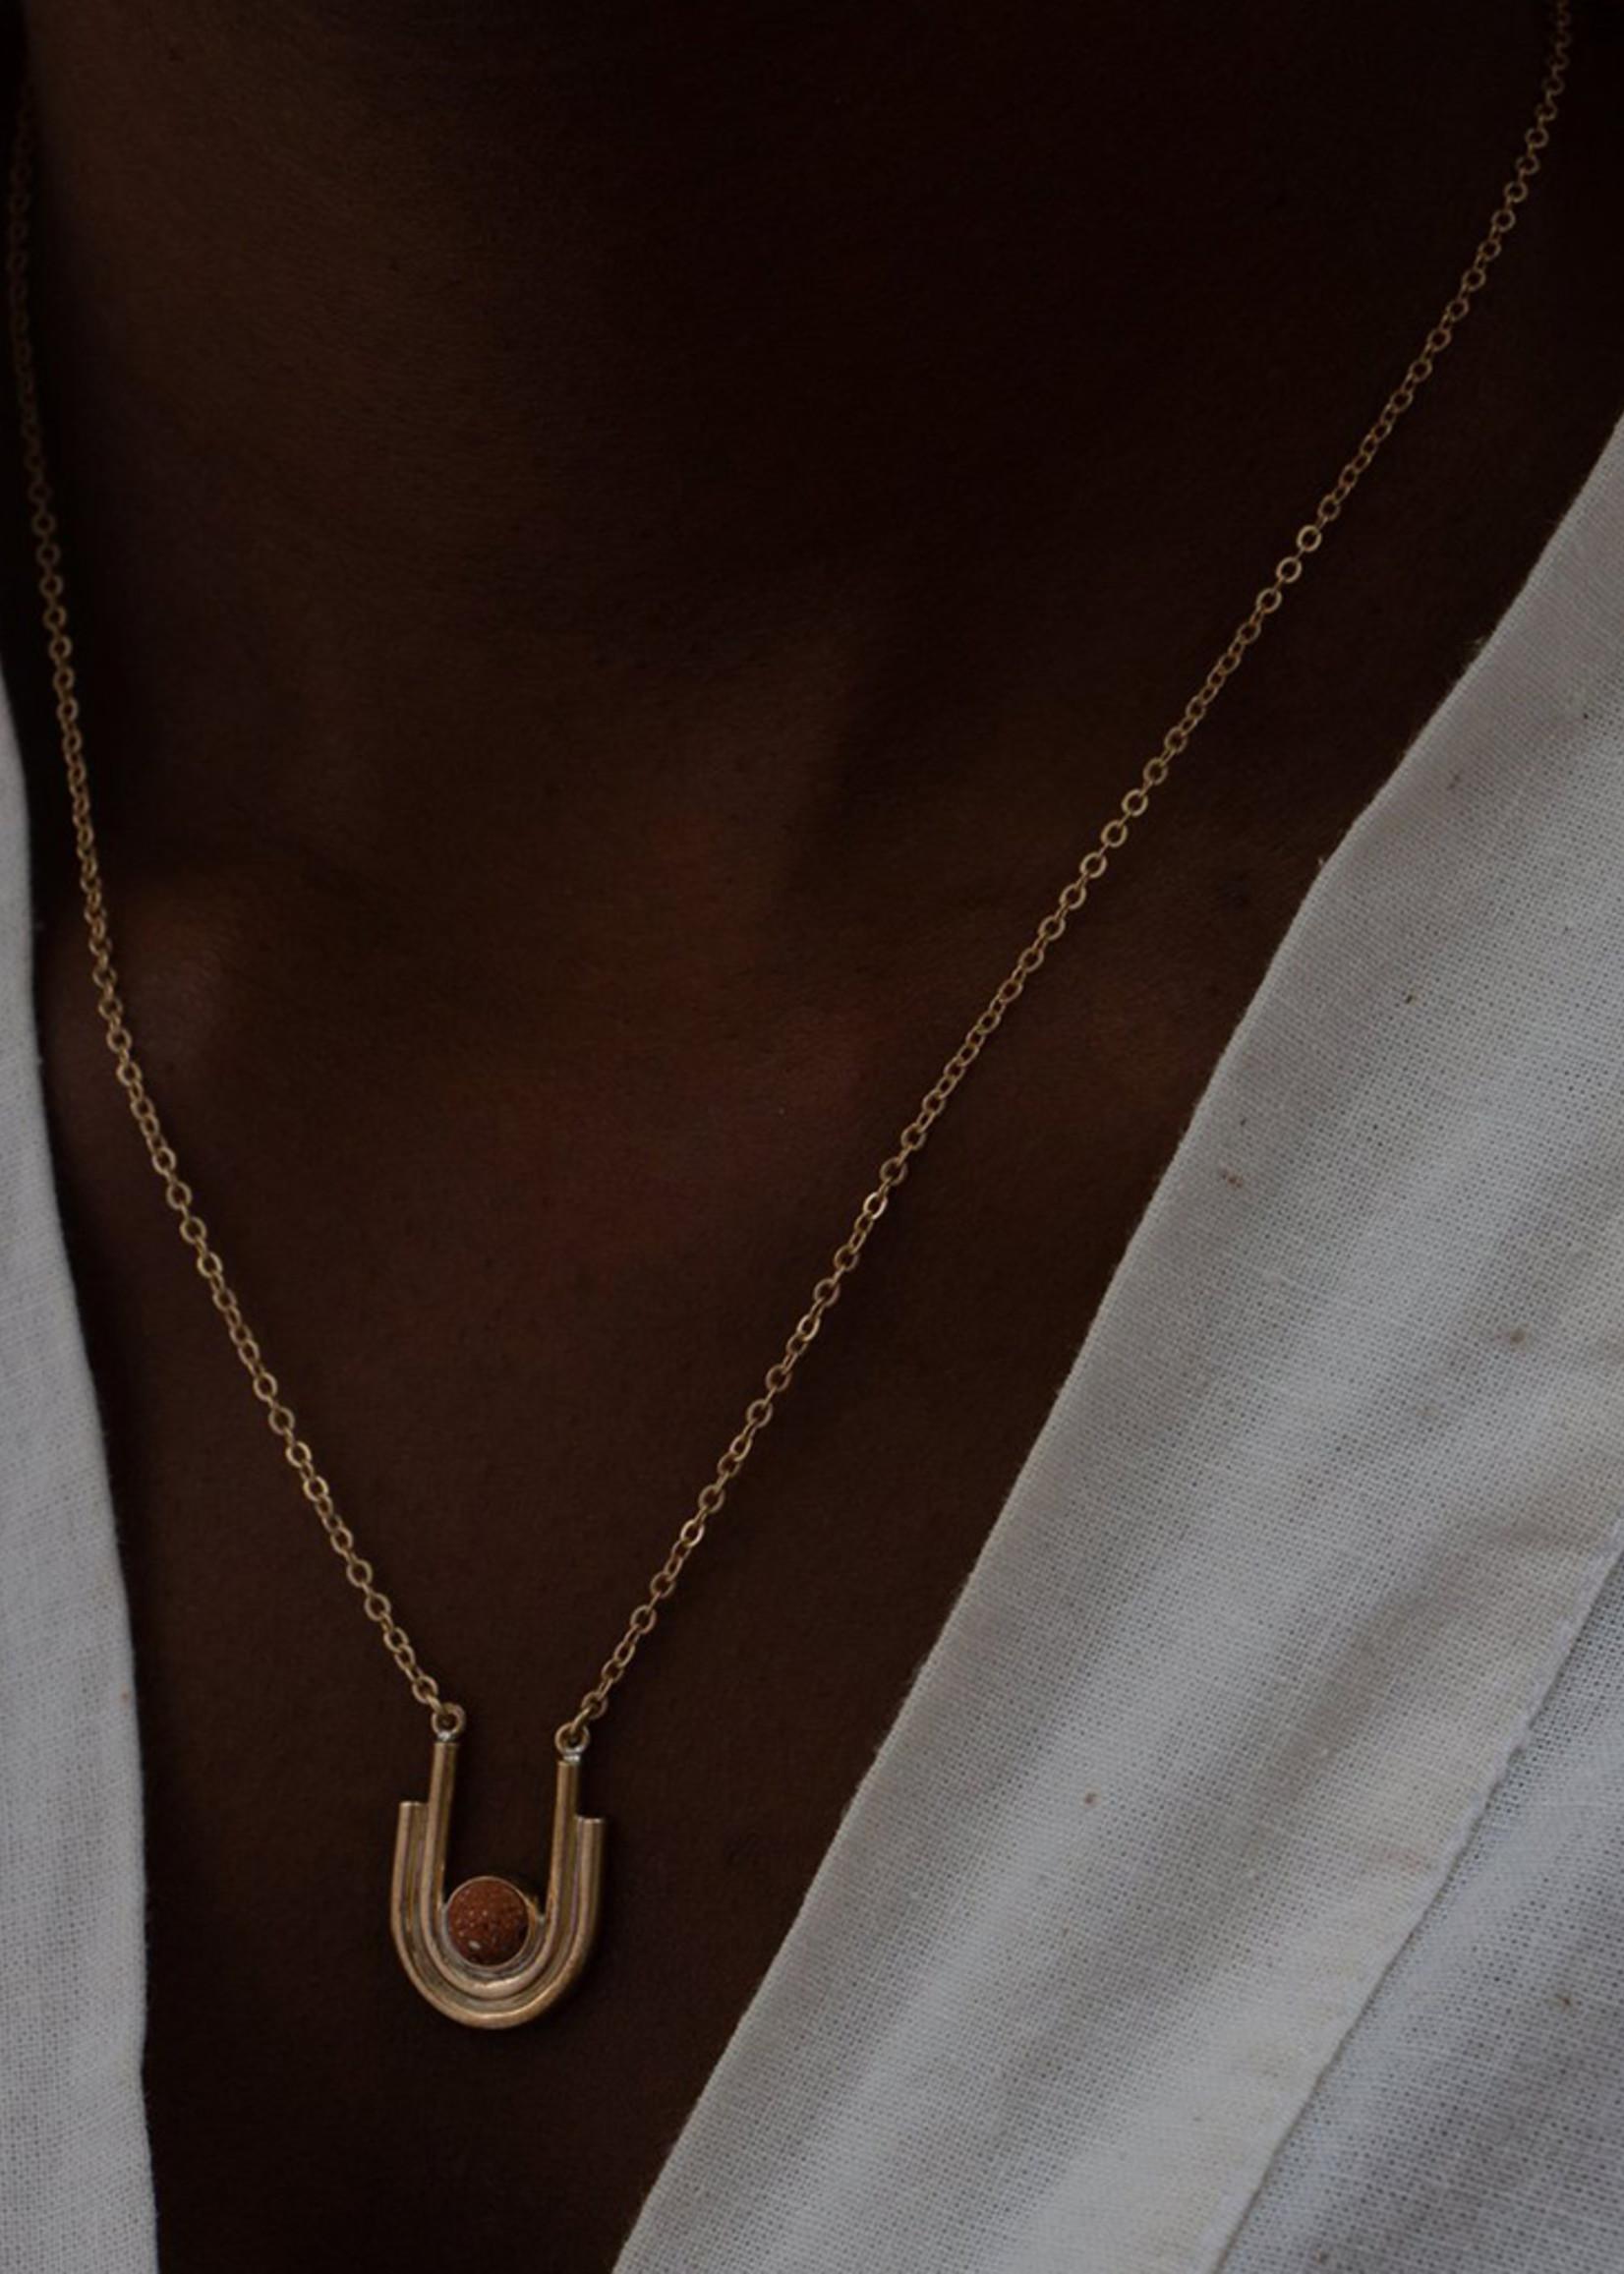 YEWO Kwera Clay Necklace